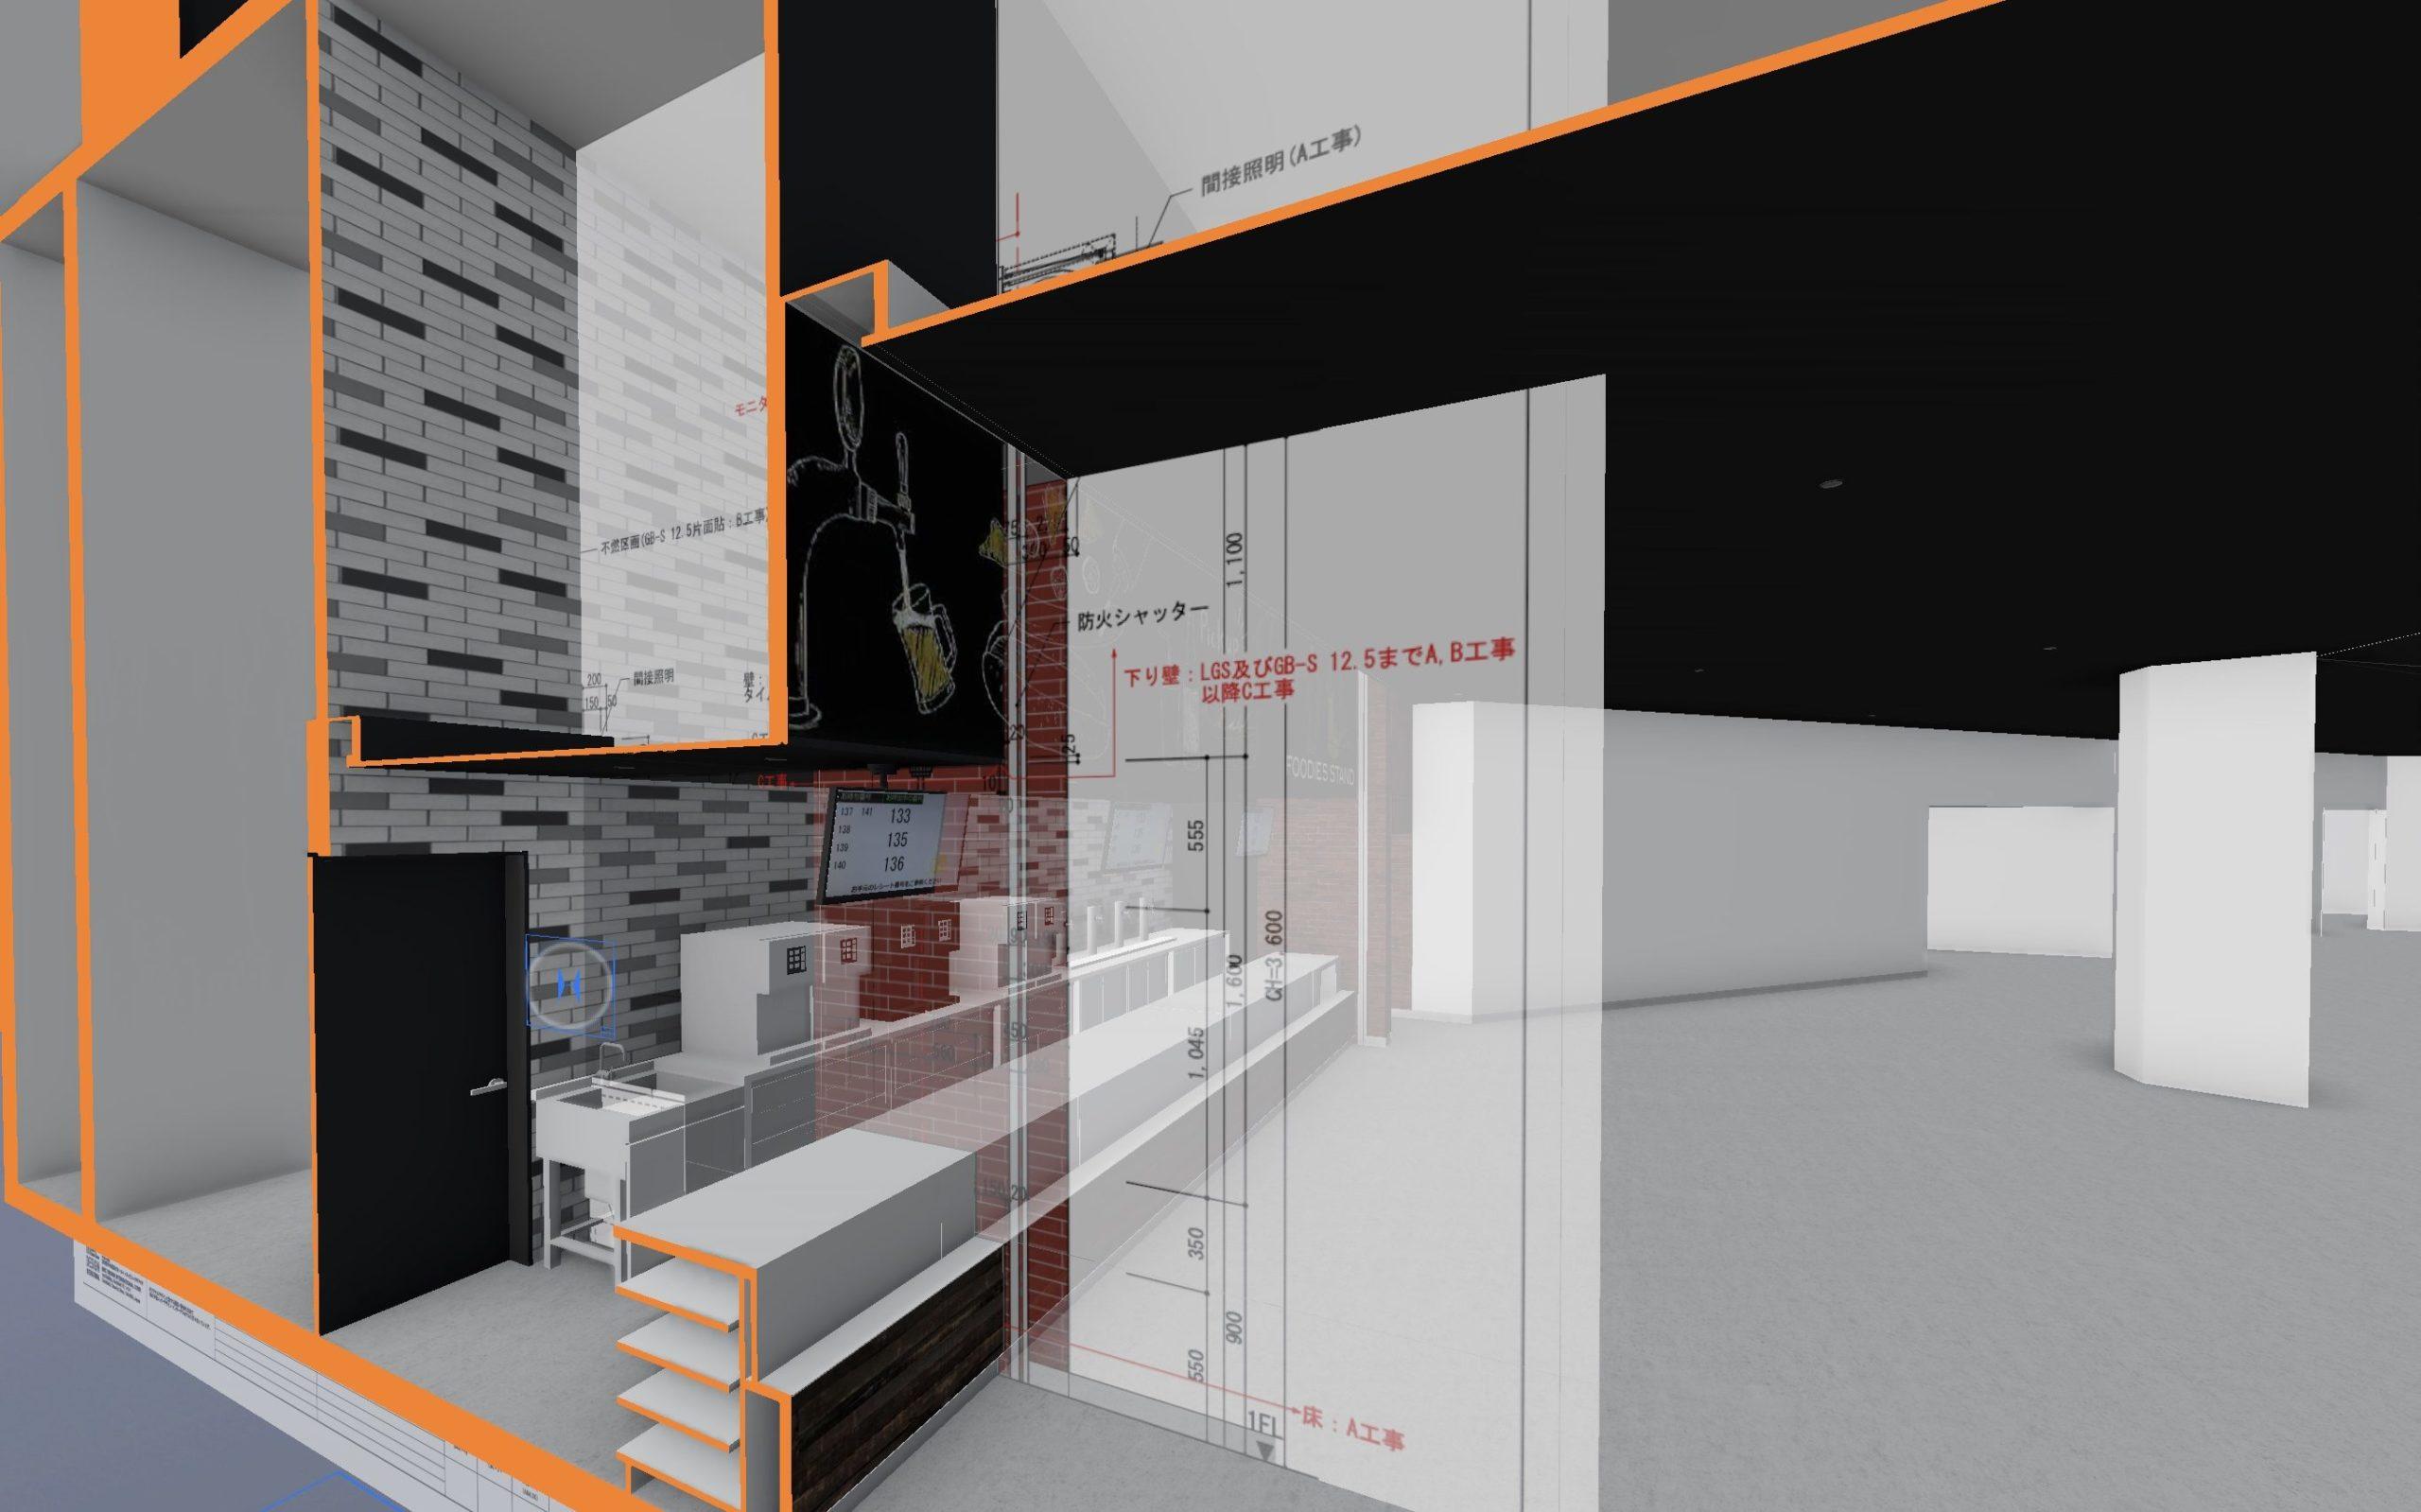 BIM(3Dモデル)により正確で迅速な設計フローを実現したFOODIES STANDの断面パース画像